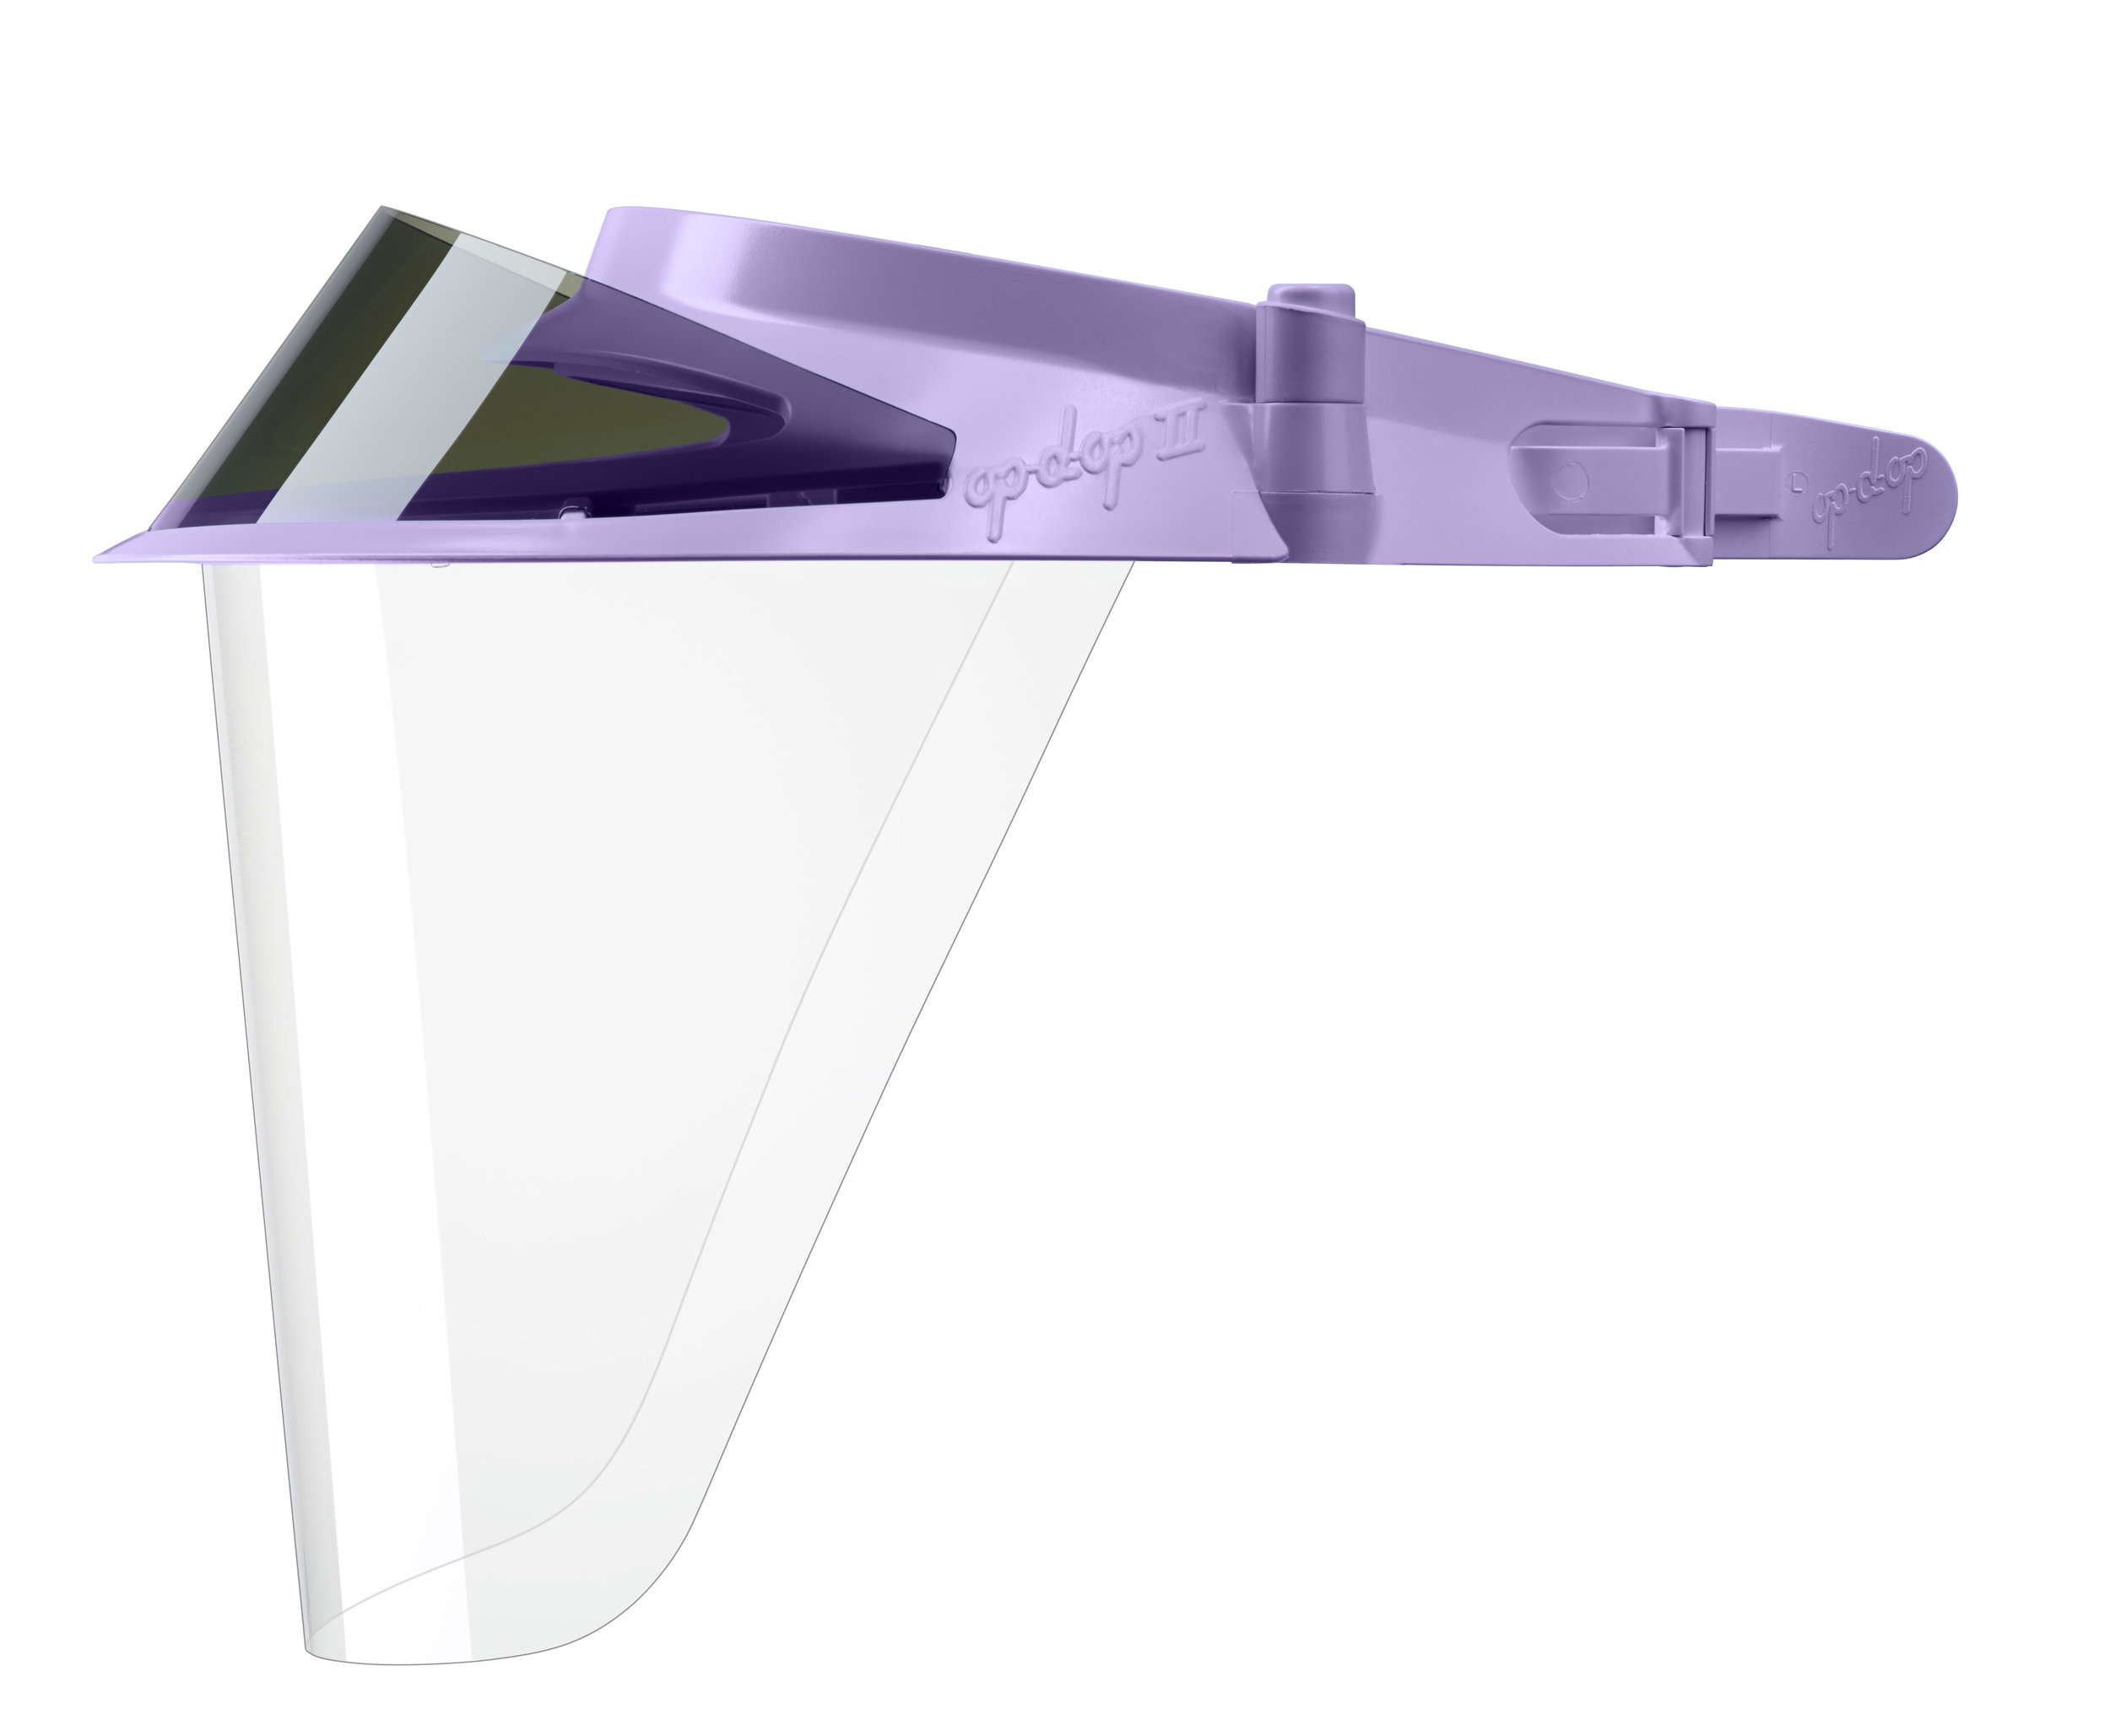 изображение Фиолетовые экраны защитные с козырьком для лица из пластмассы OP-D-OP FACE SHIELD (II)